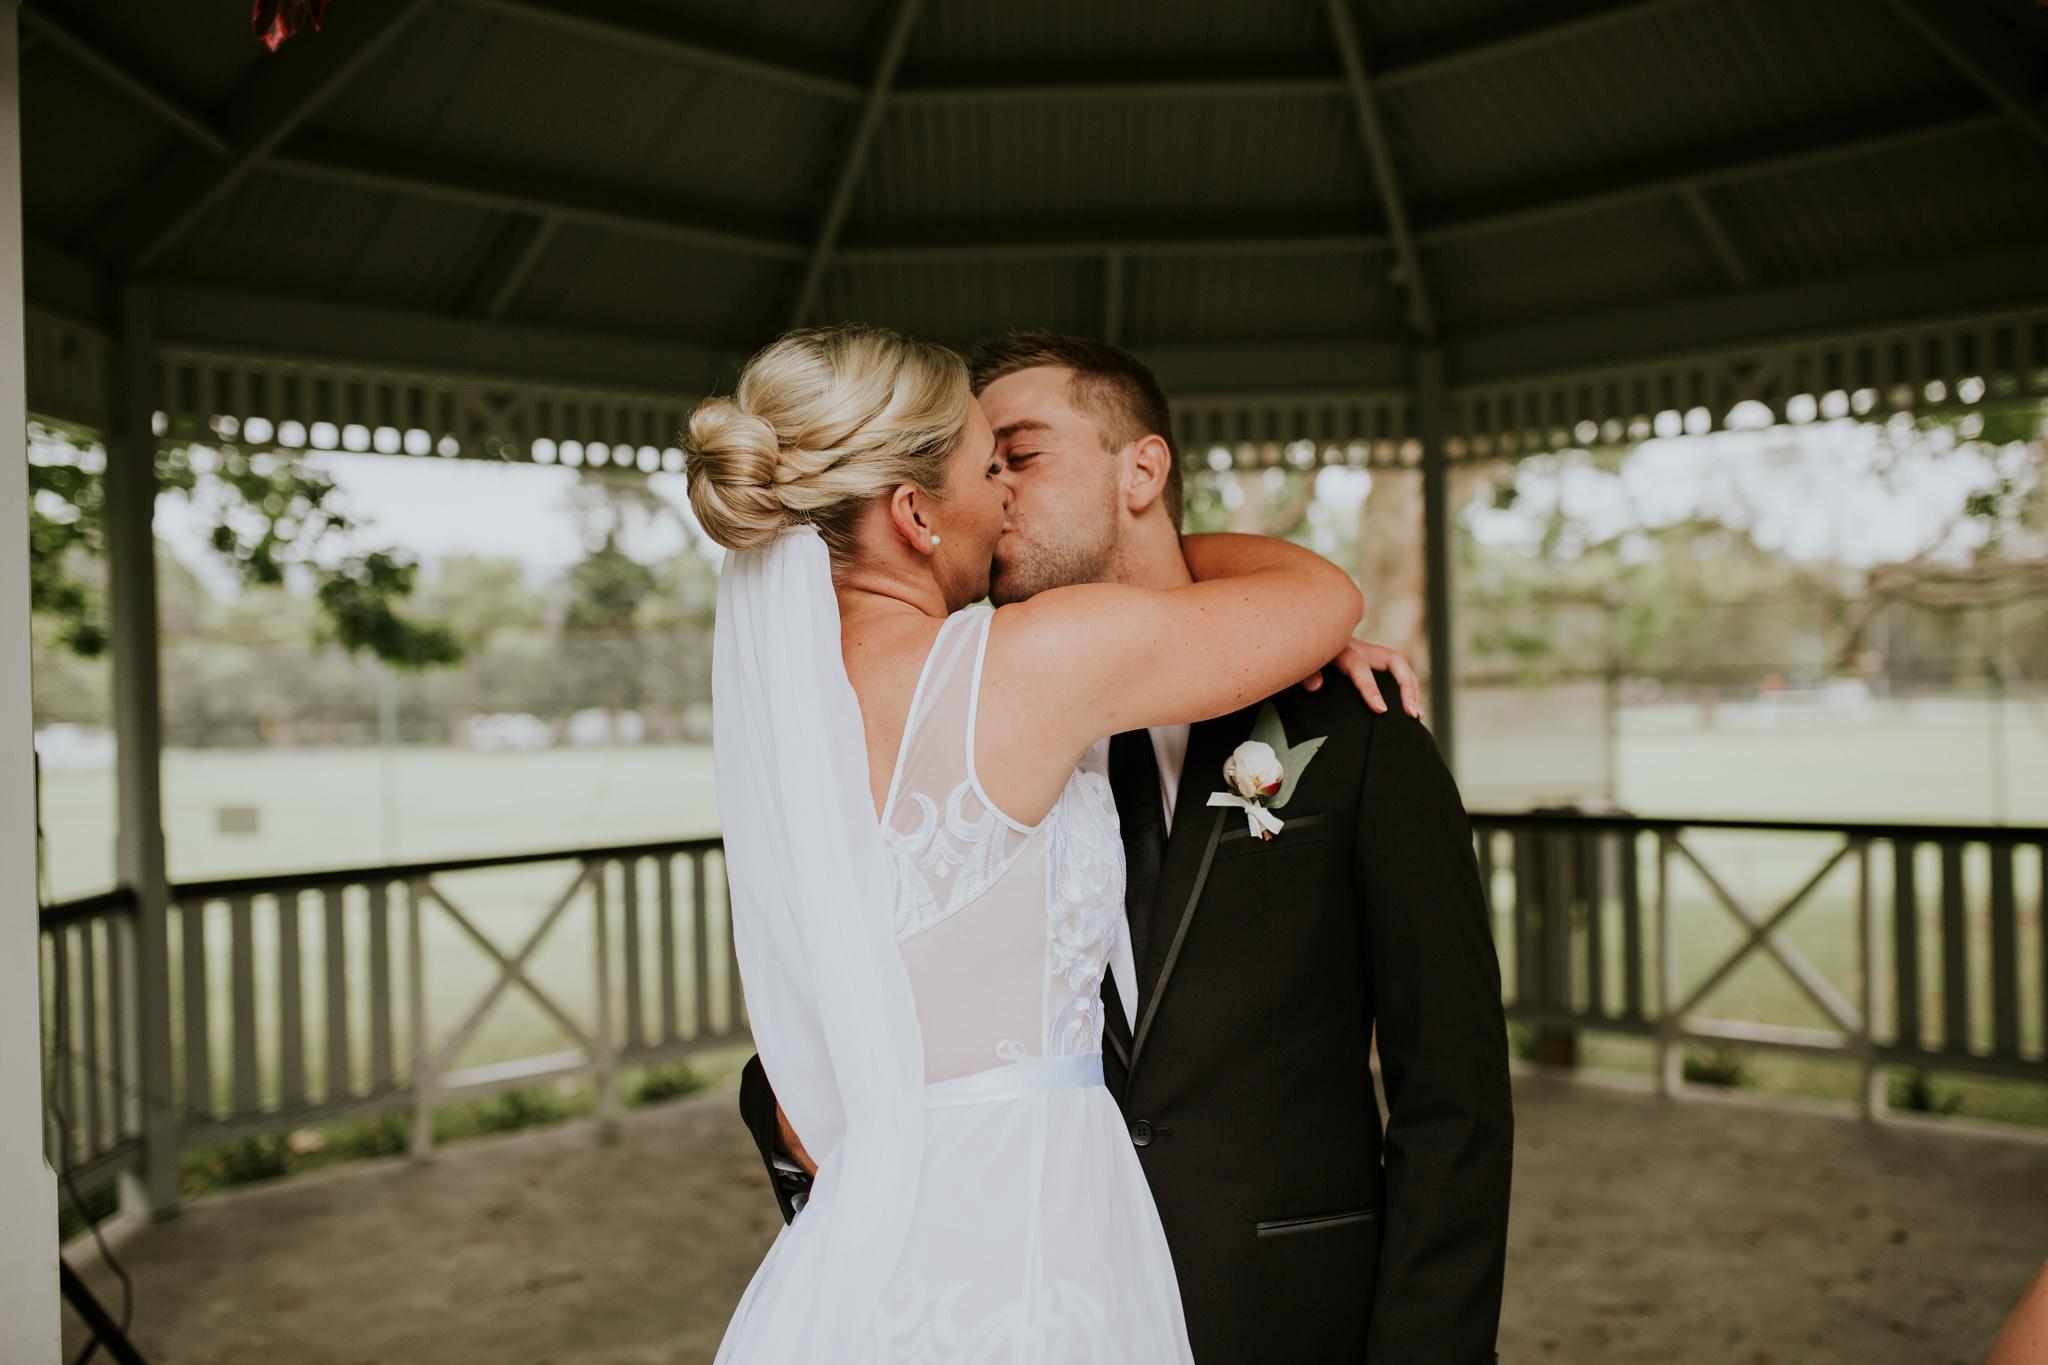 Lucy+Kyle+Kiama+Sebel+wedding-79.jpg